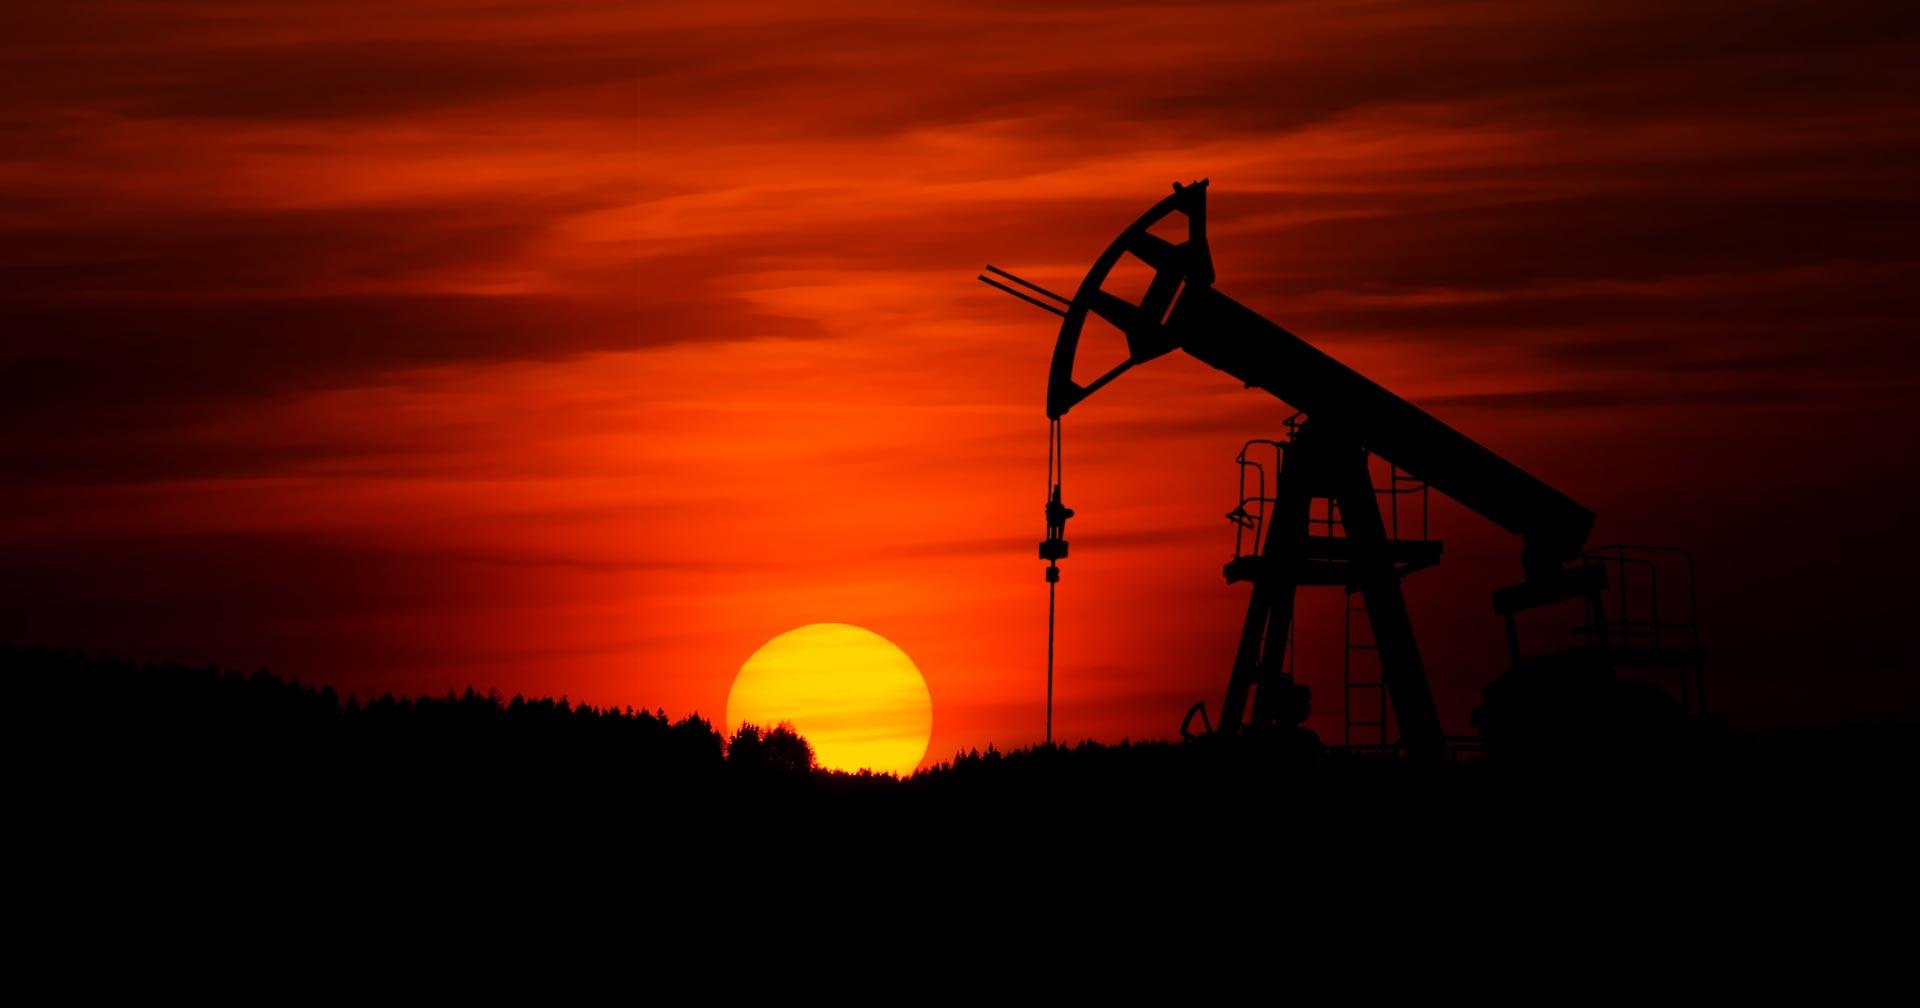 paisagem do por-do-sol e ao fundo uma silheta de bomba de óleo